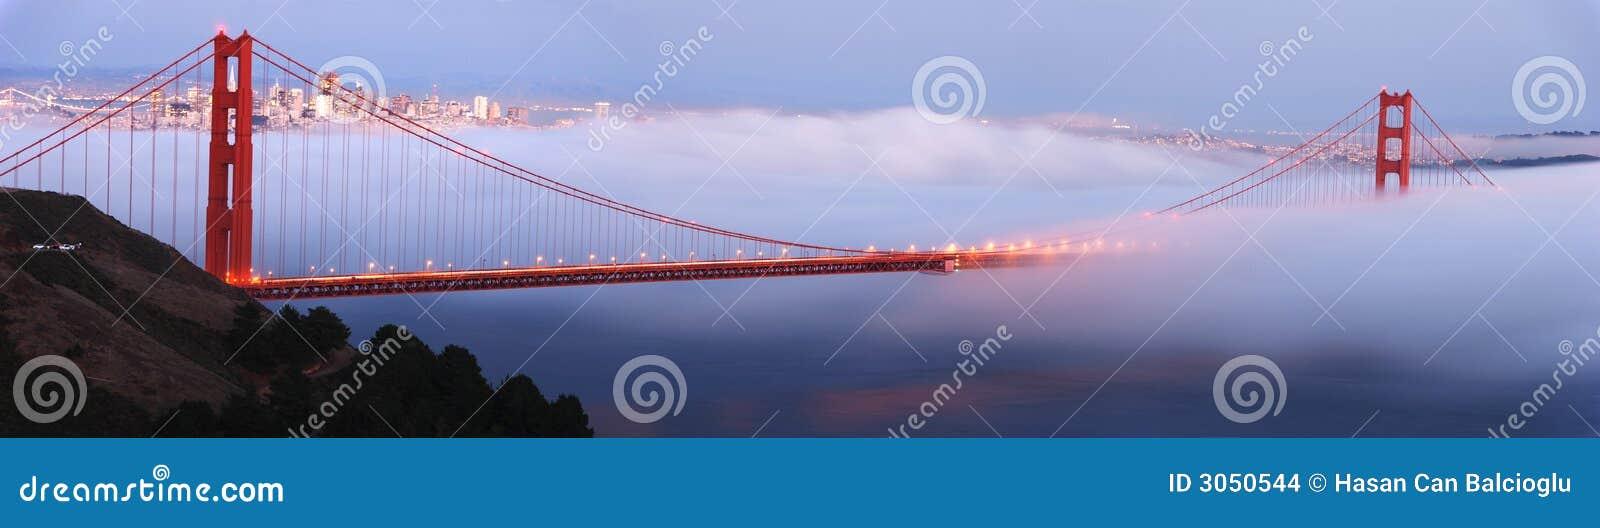 Puente de puerta de oro panorámico